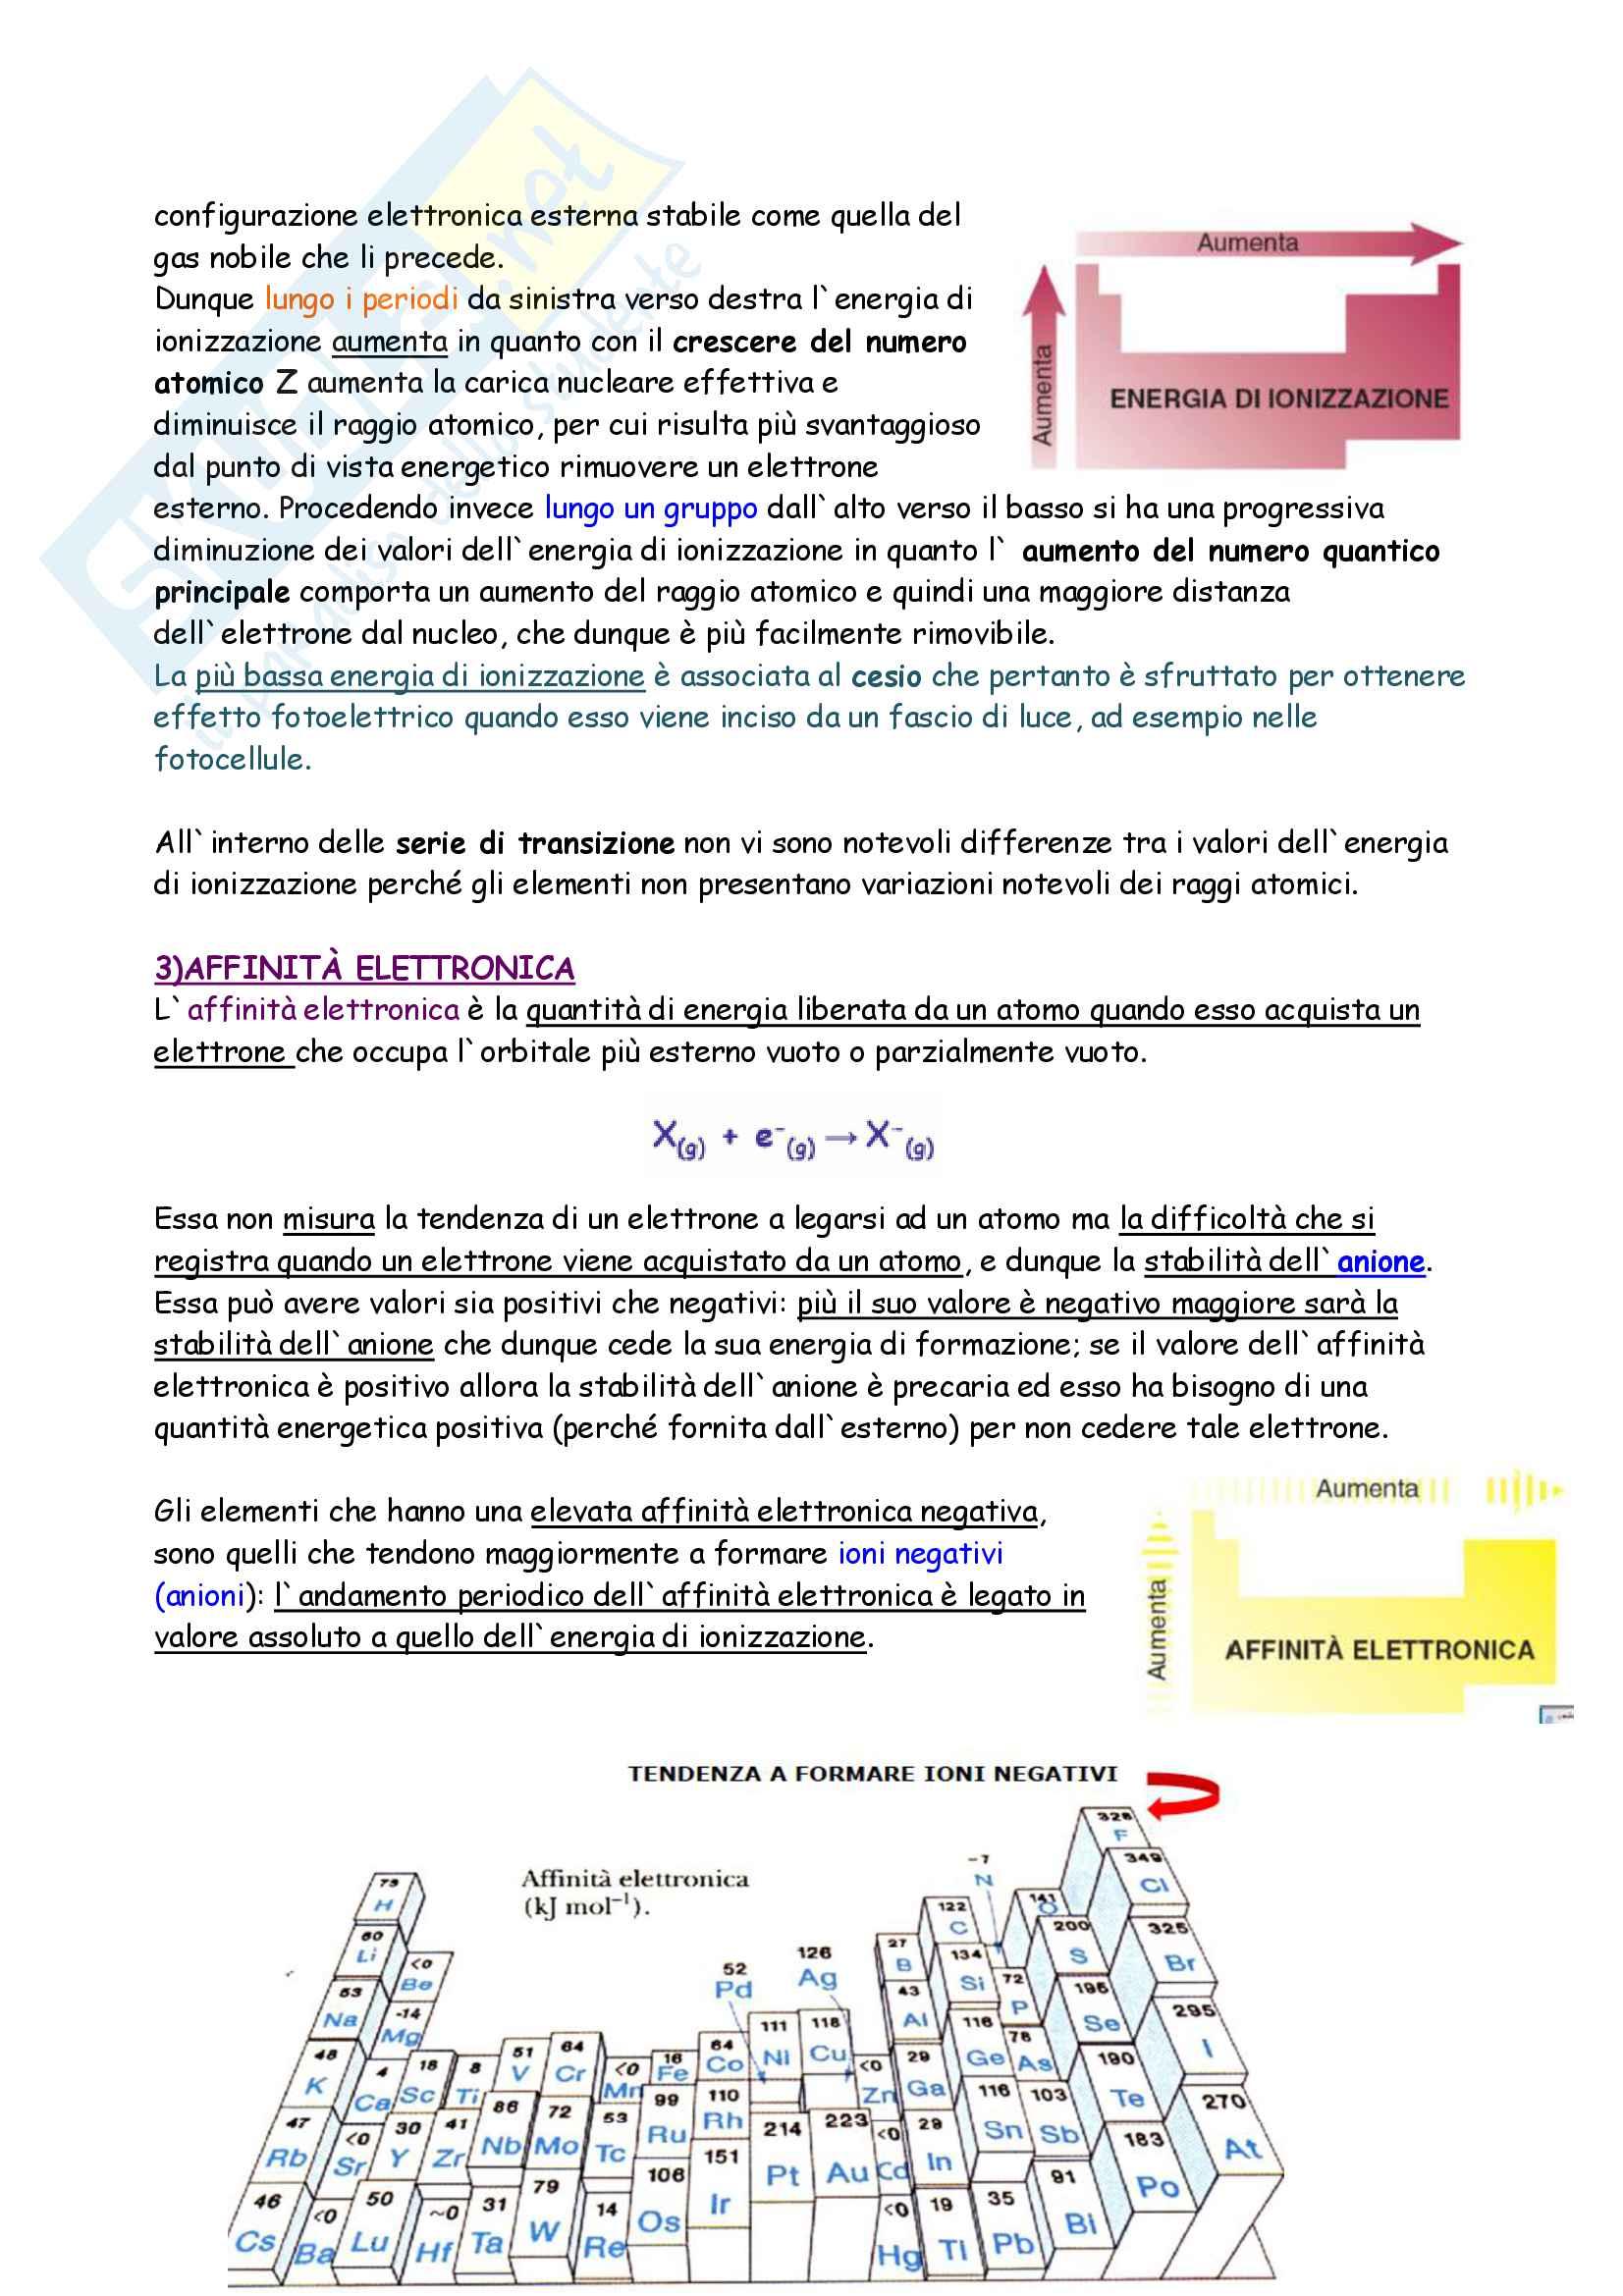 Riassunto esame Chimica generale e inorganica, prof. Francia, libro consigliato Fondamenti di chimica, Schiavello, Palmisano Pag. 16